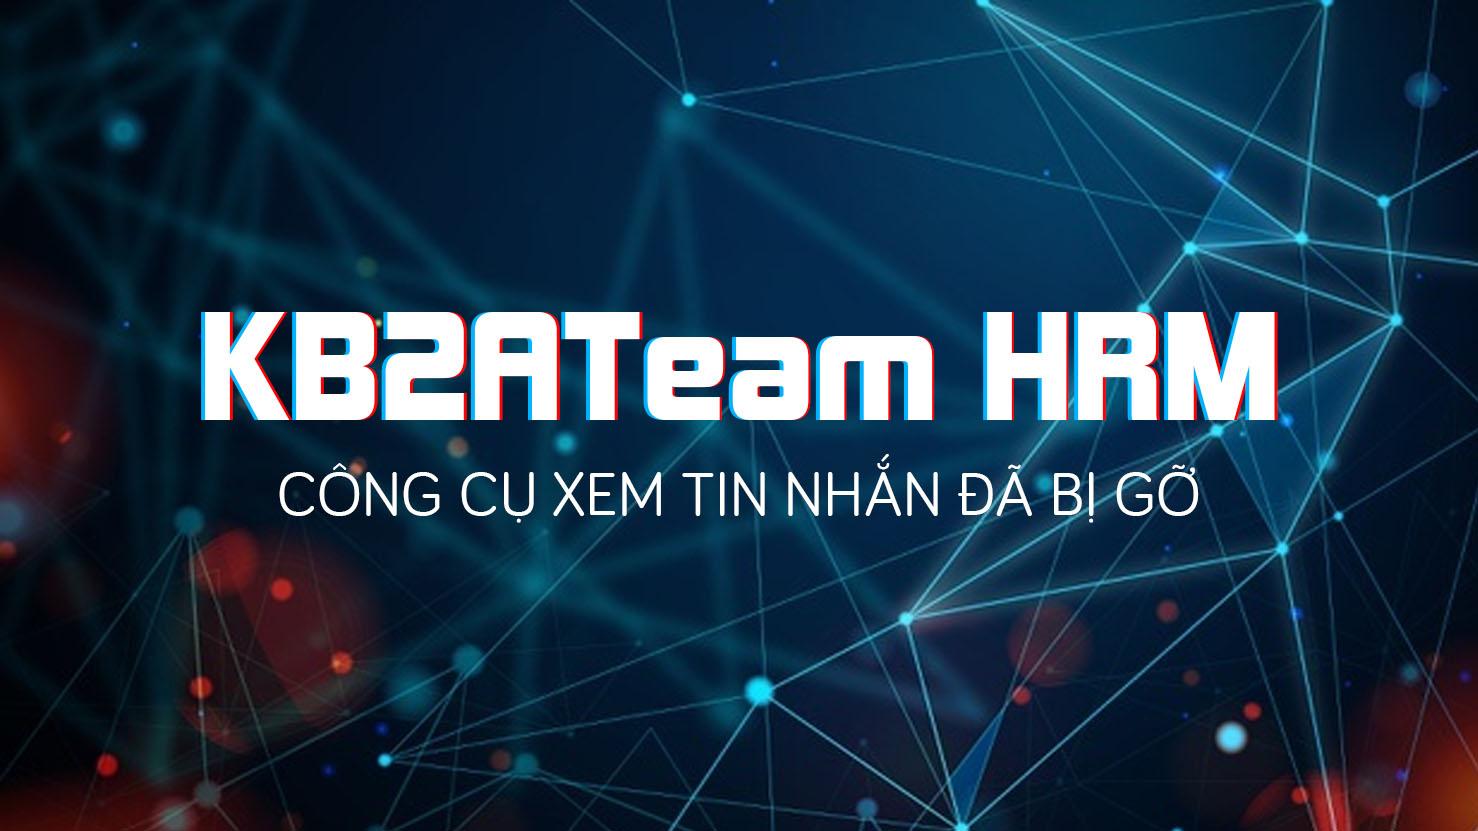 KB2ATeam HRM - Công cụ xem tin nhắn đã gỡ trên Facebook